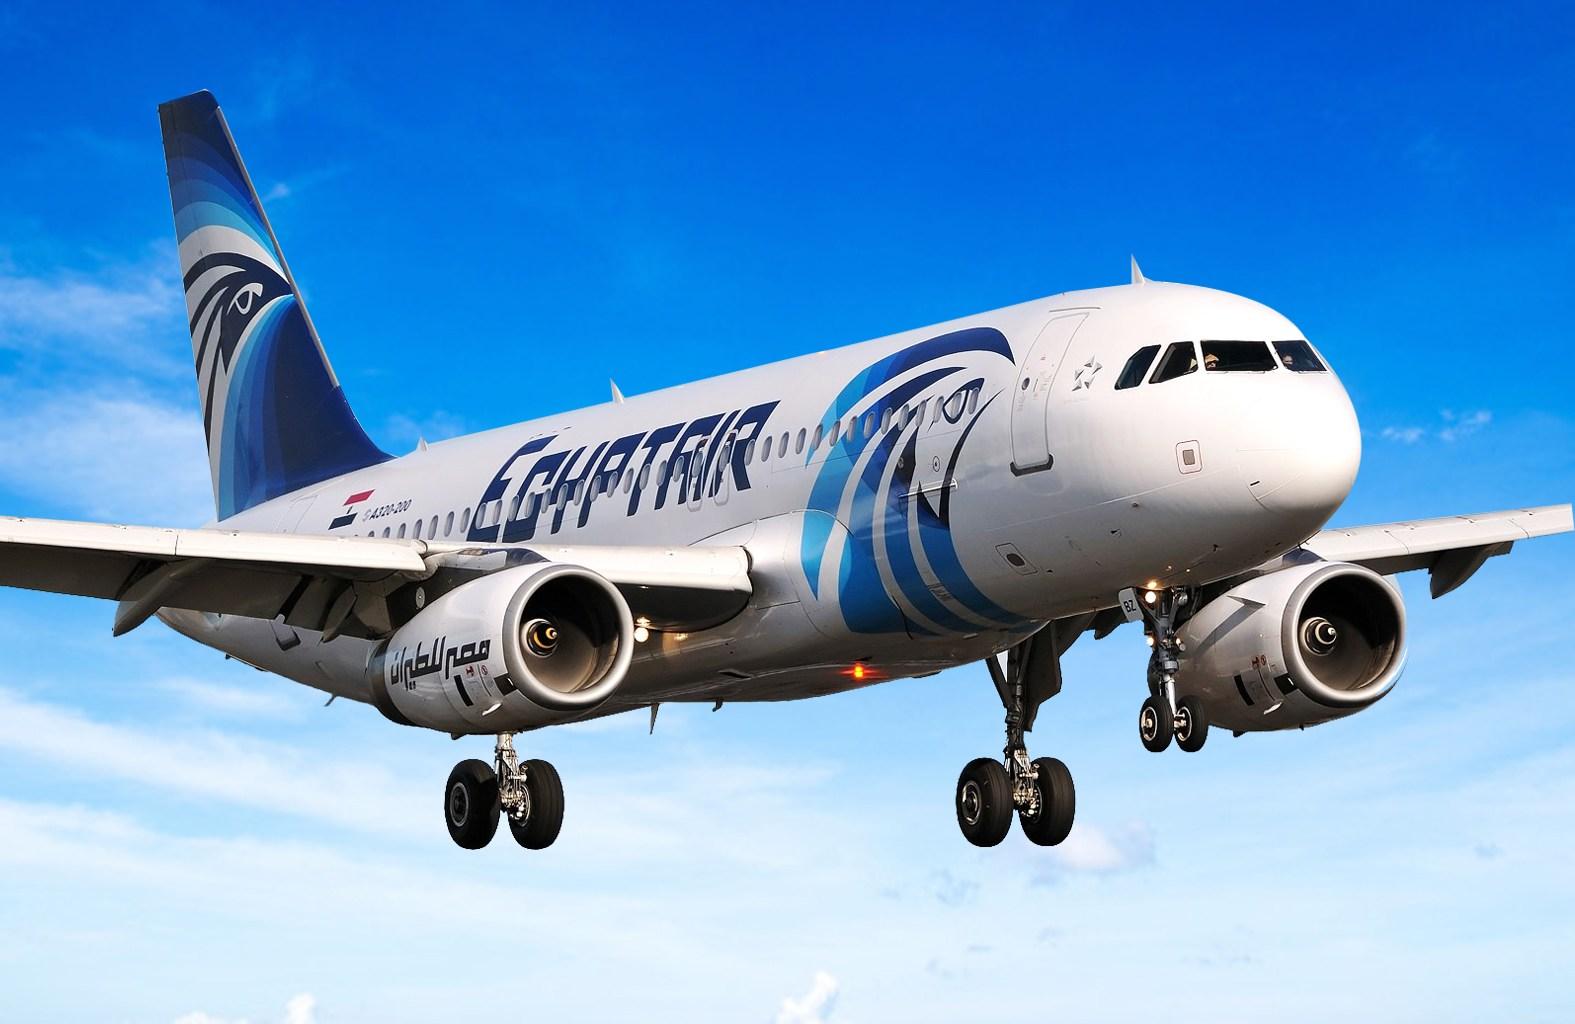 بيزنس إنسايدر: الدرجة الاقتصادية لمصر للطيران أفضل من الشركات الأمريكية